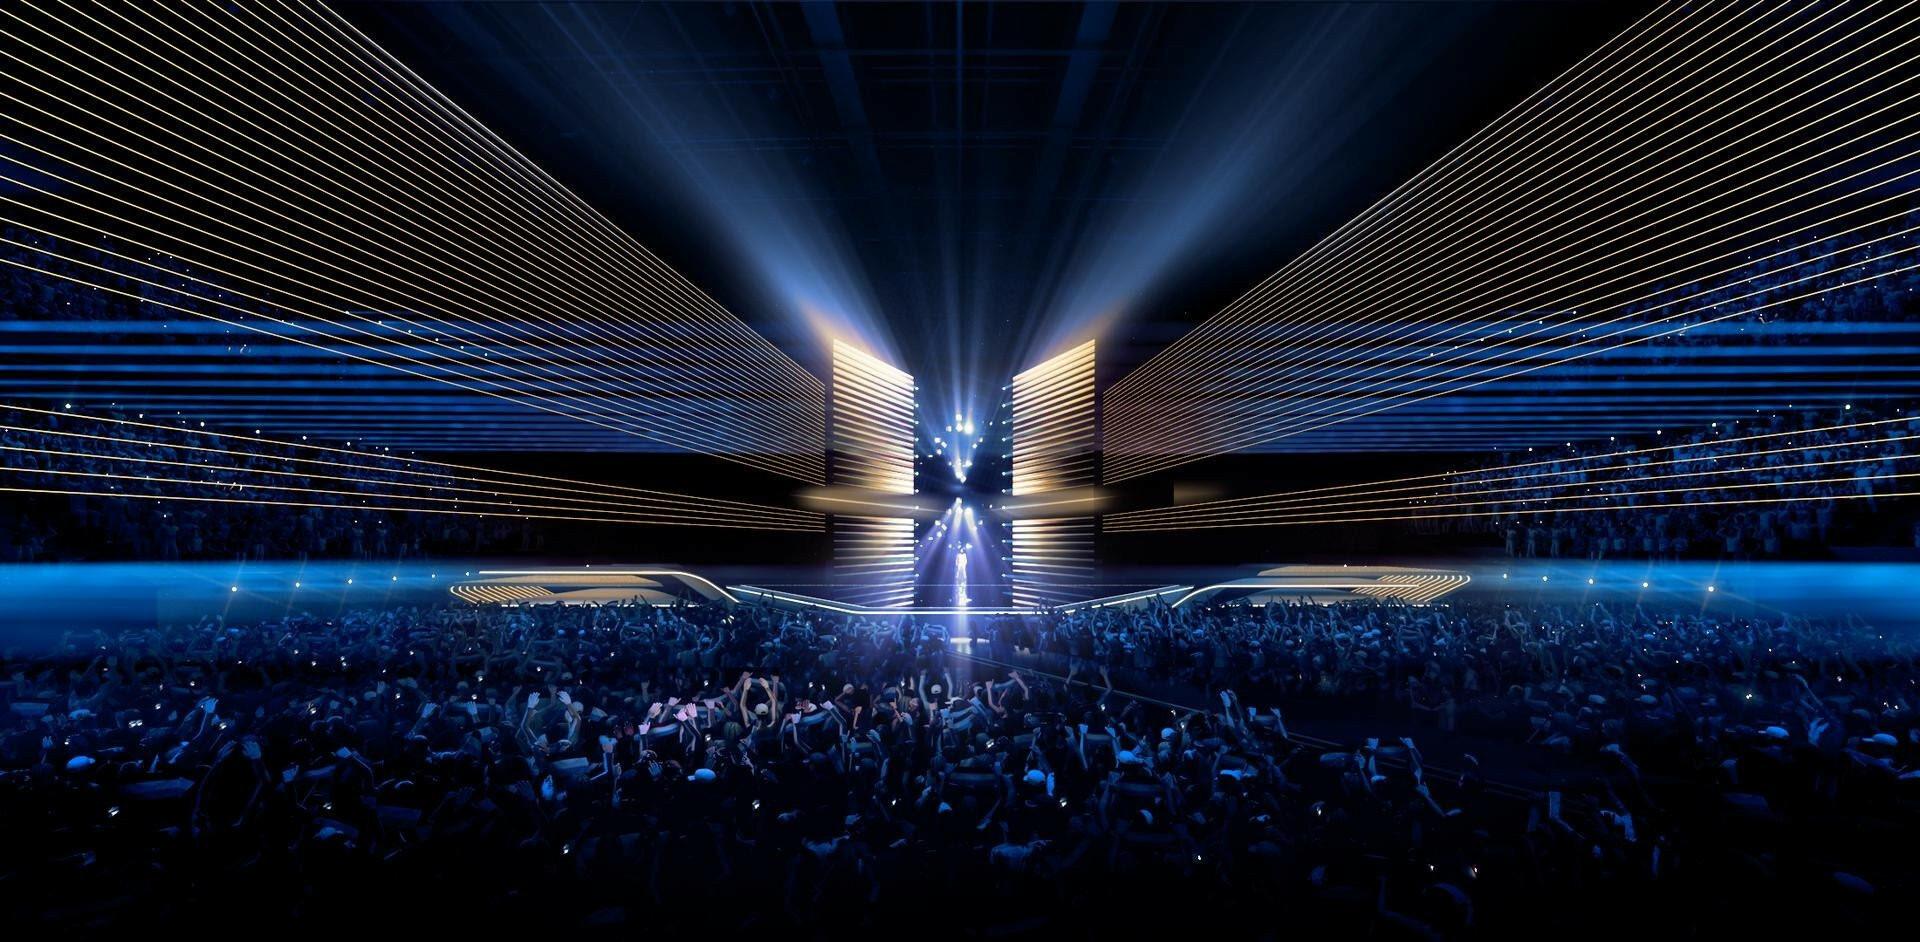 Eurovision 2020 - scénographie de la scène - Scénographe : Florian Wieder